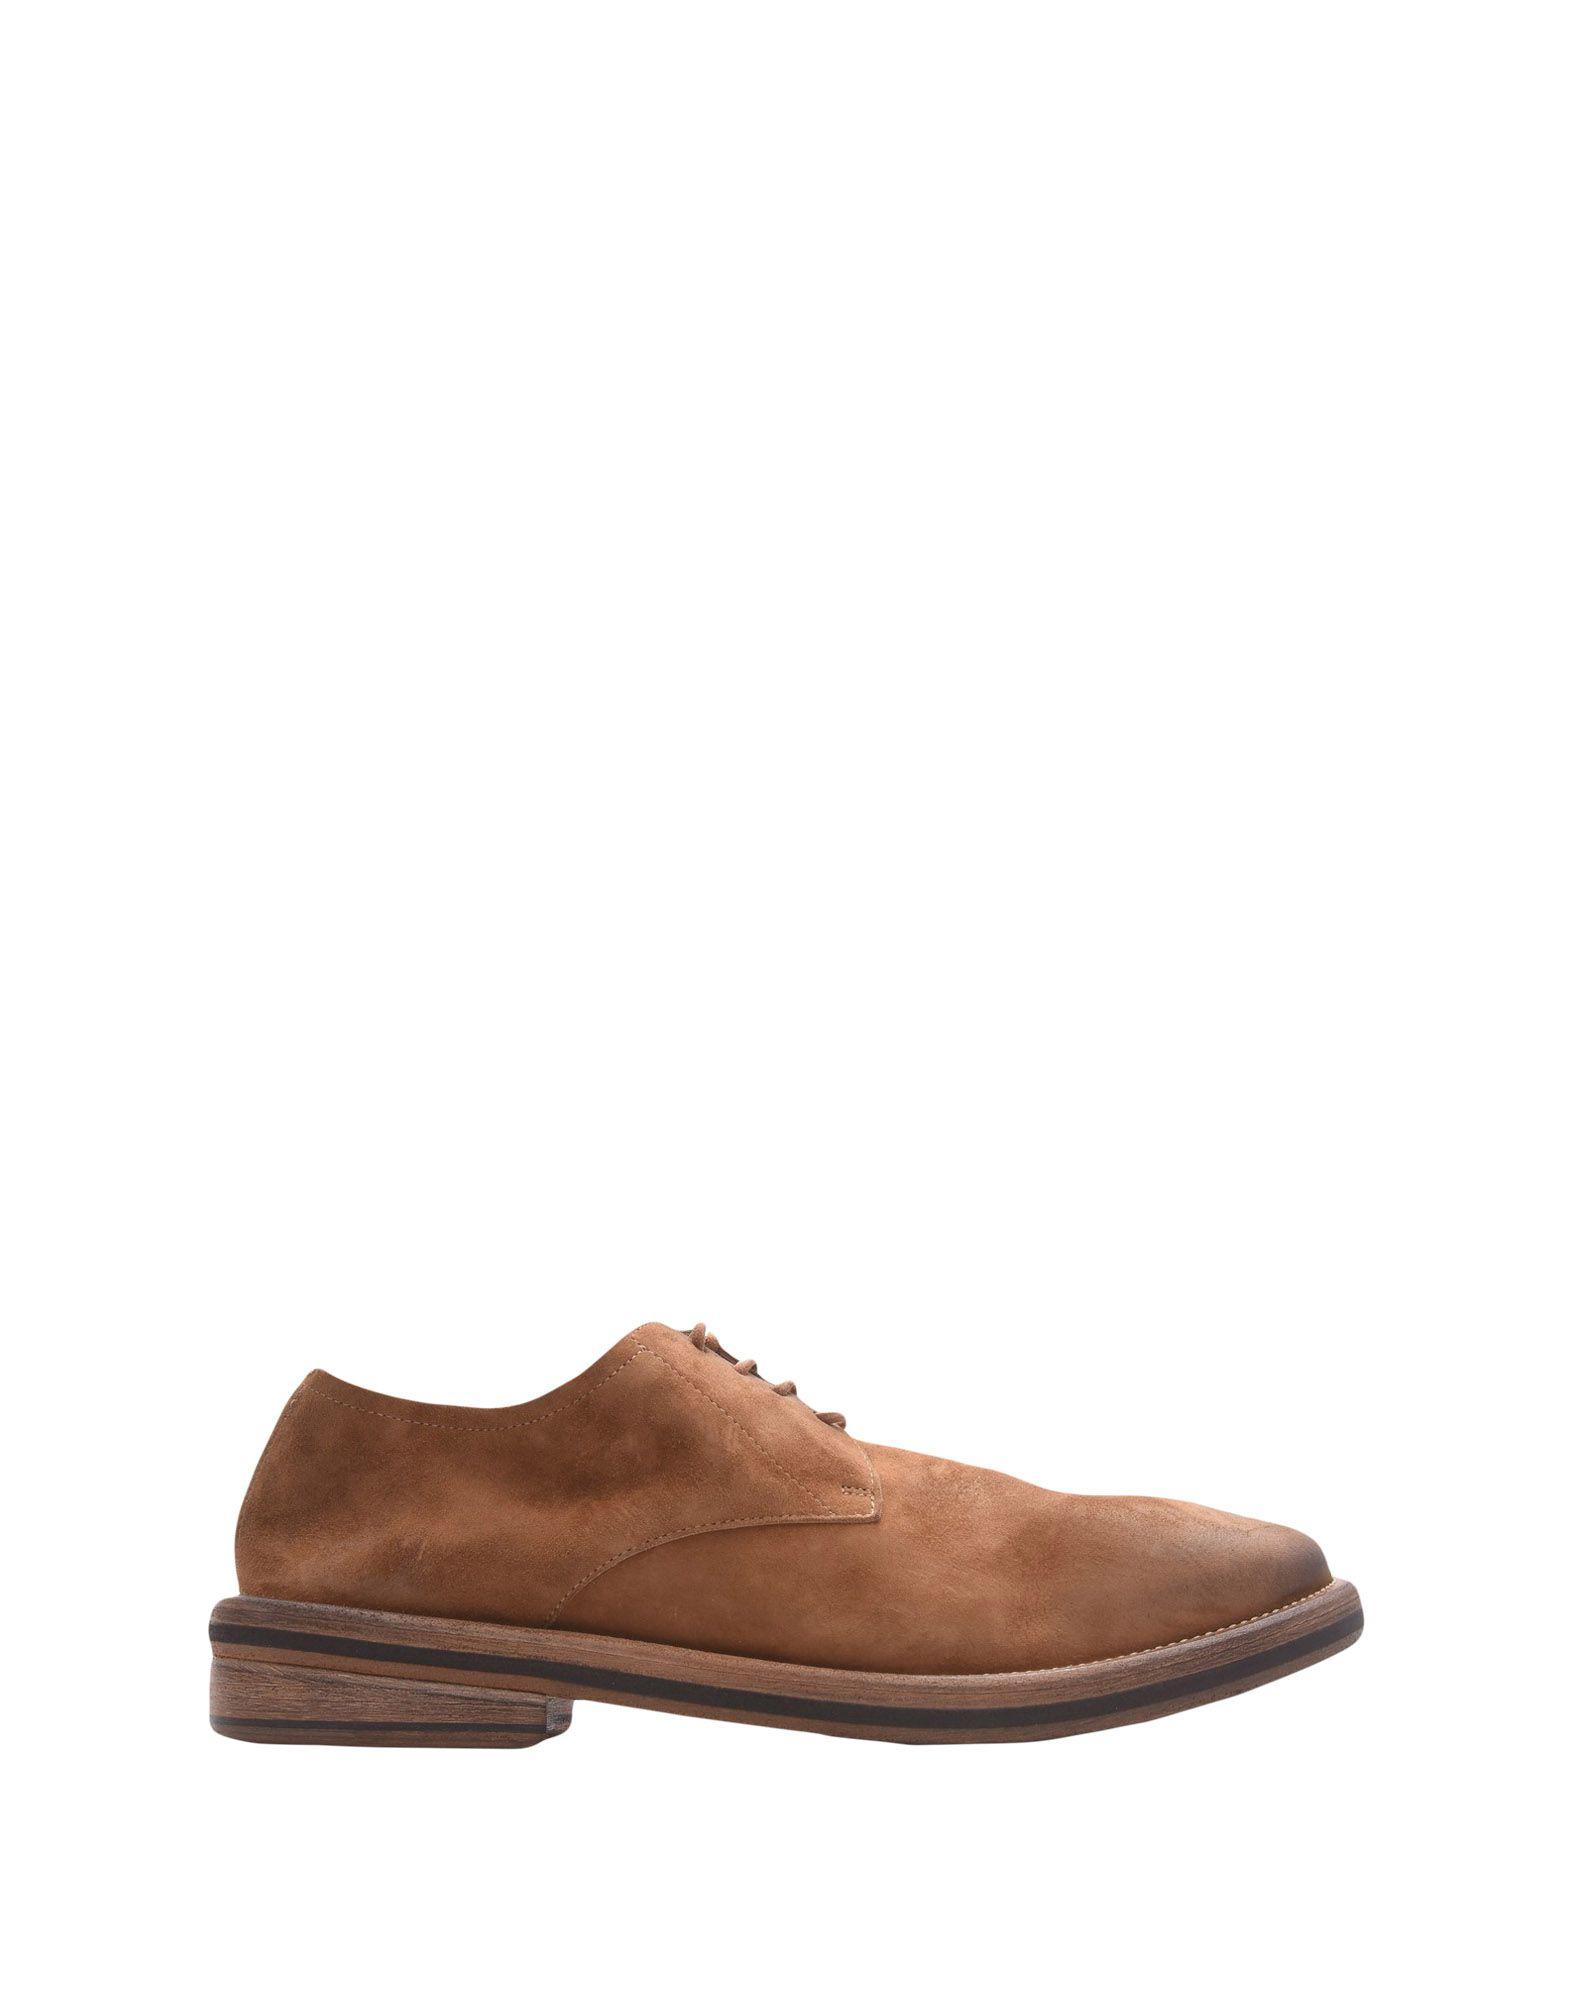 modelo más vendido vendido vendido de la marca Zapato De Cordones Marsèll Hombre - Zapatos De Cordones Marsèll 6b27ea